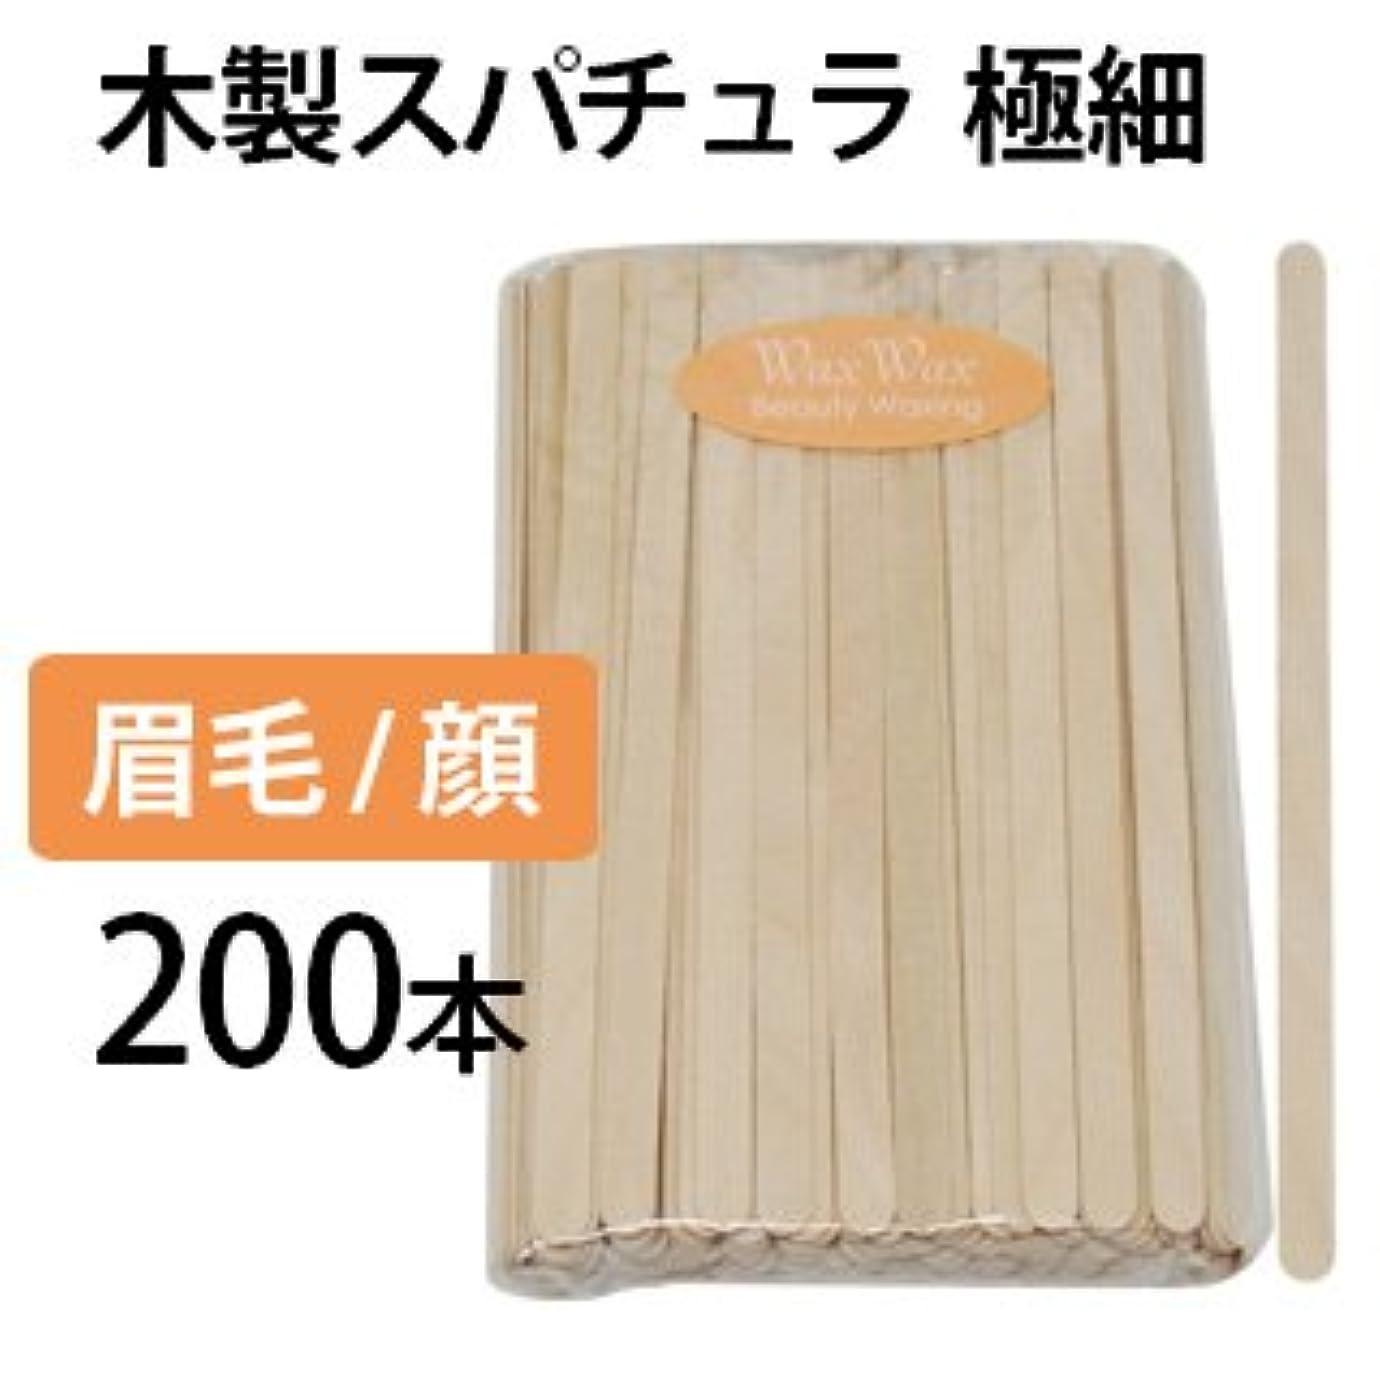 懐疑論宿題をする産地眉毛 アイブロウ用スパチュラ 200本セット 極細 木製スパチュラ 使い捨て